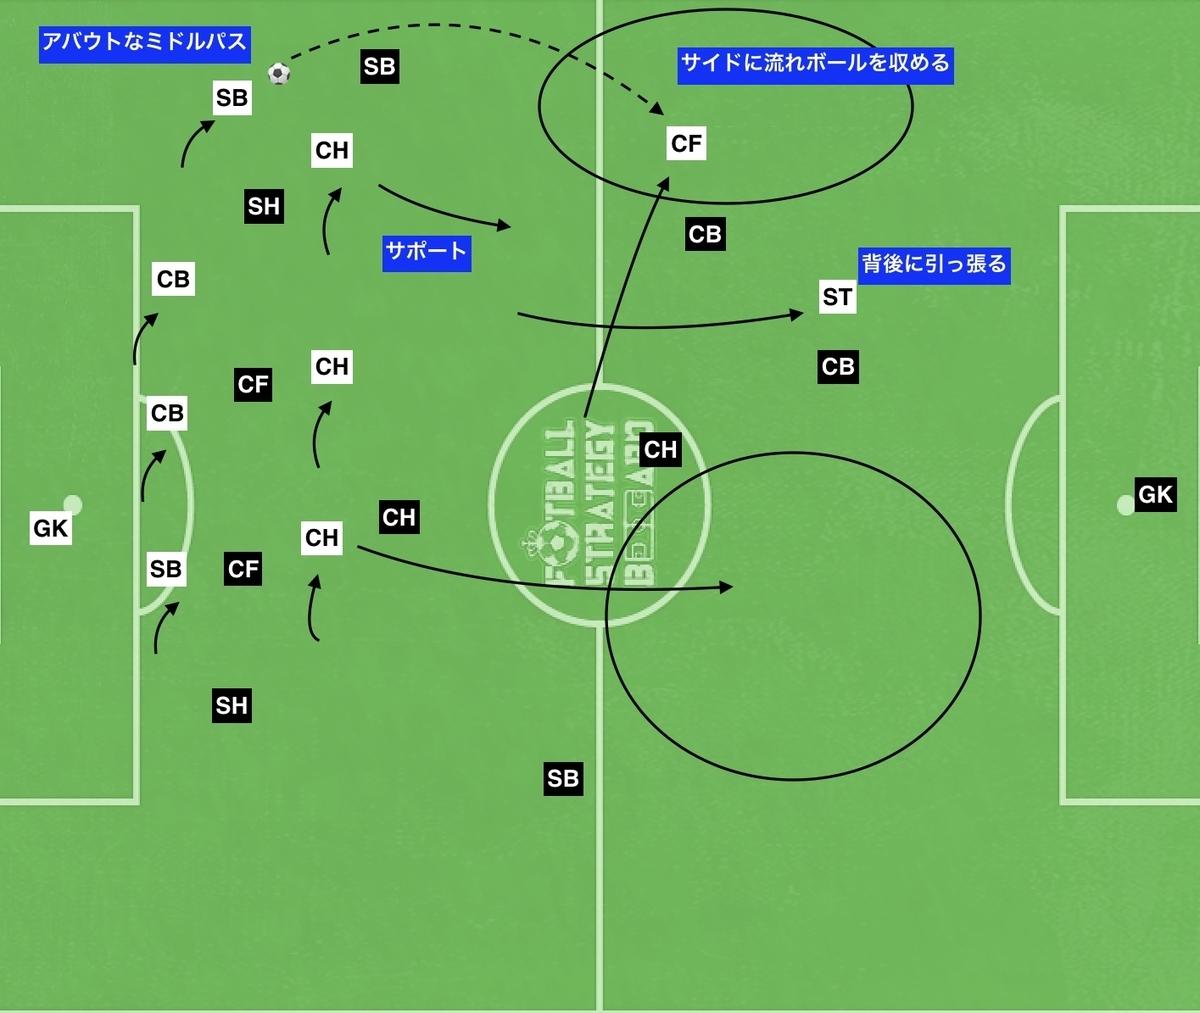 f:id:football-analyst:20191107164601j:plain